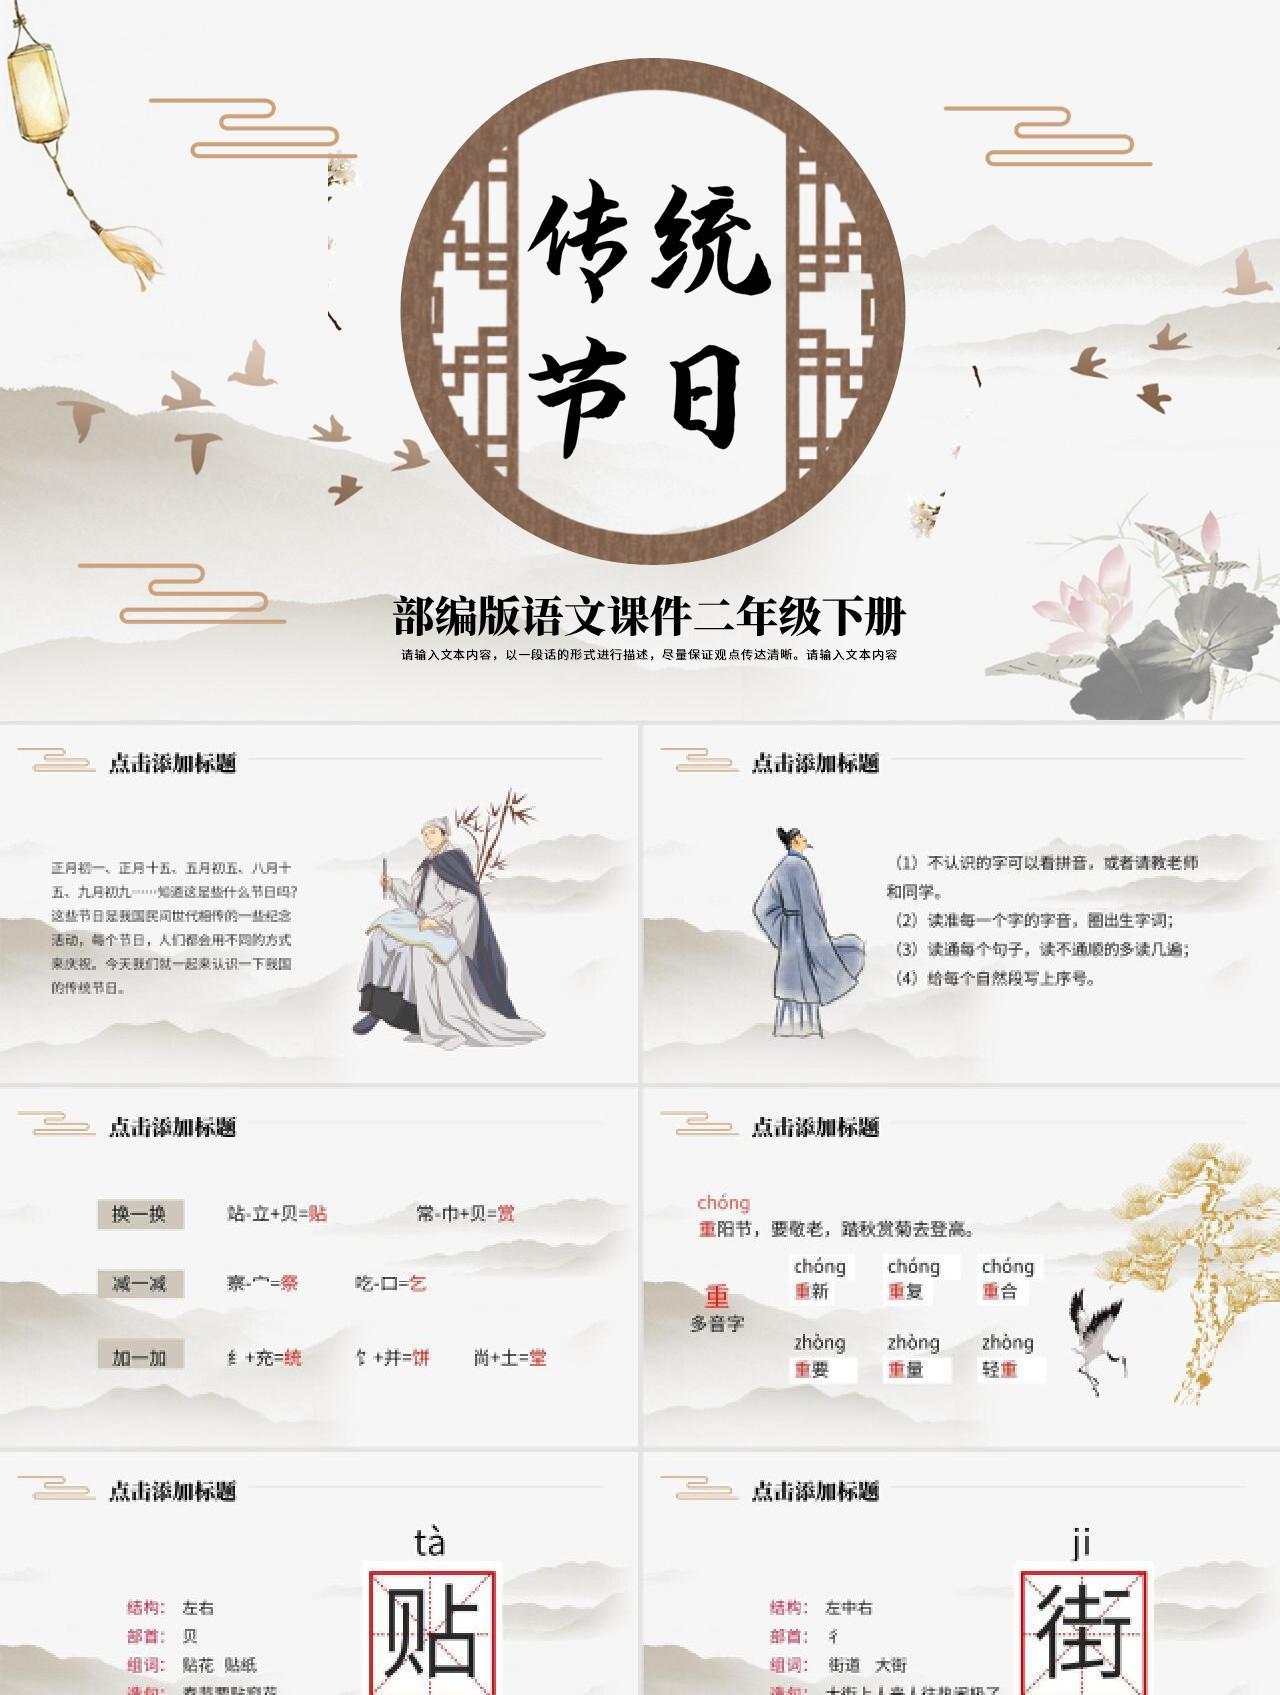 黄棕色中国风传统节日二年级语文下册课件PPT模板